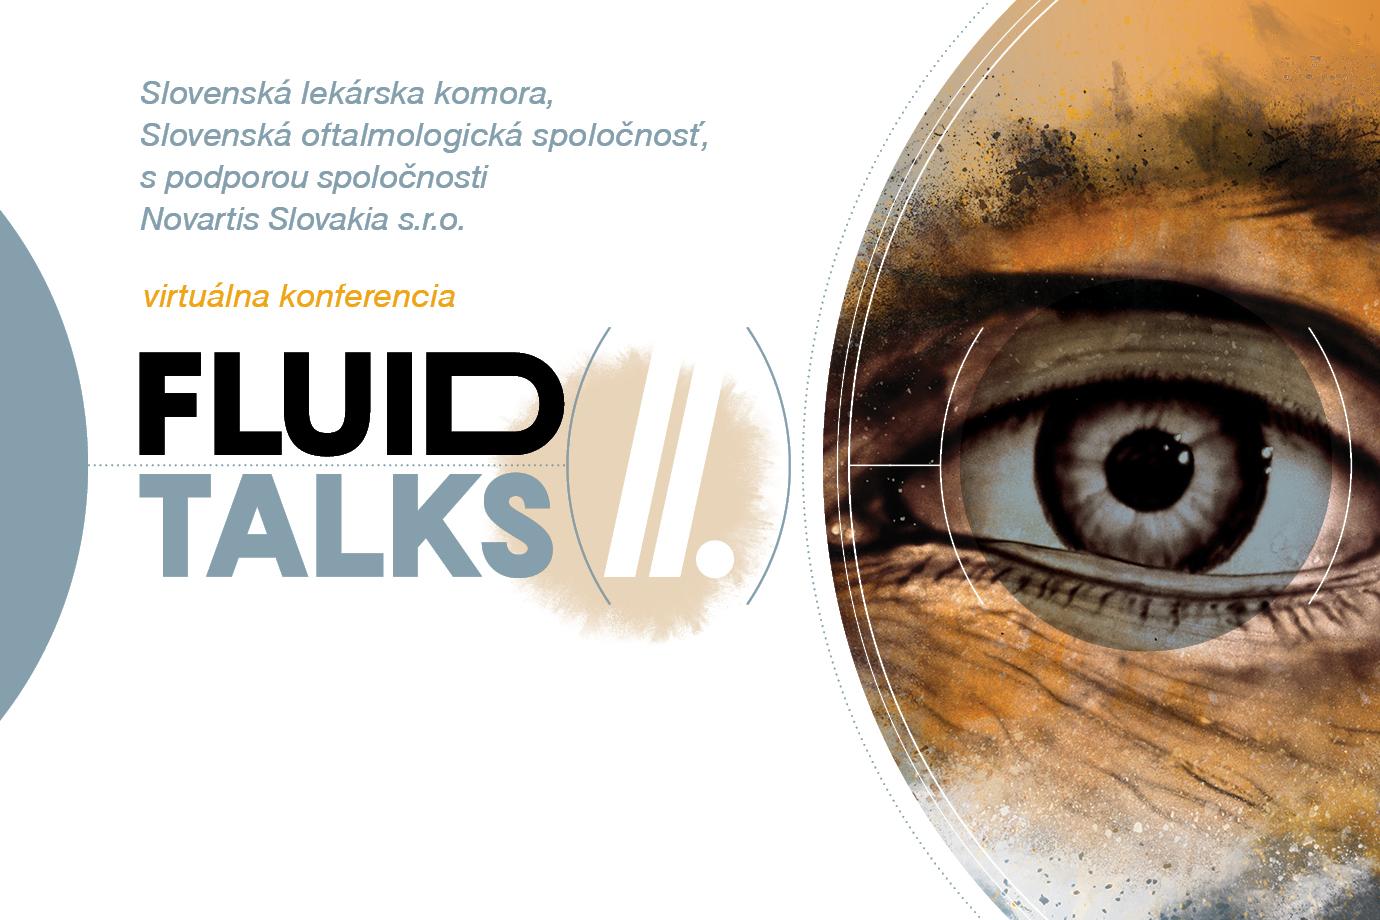 FLUID TALKS II.